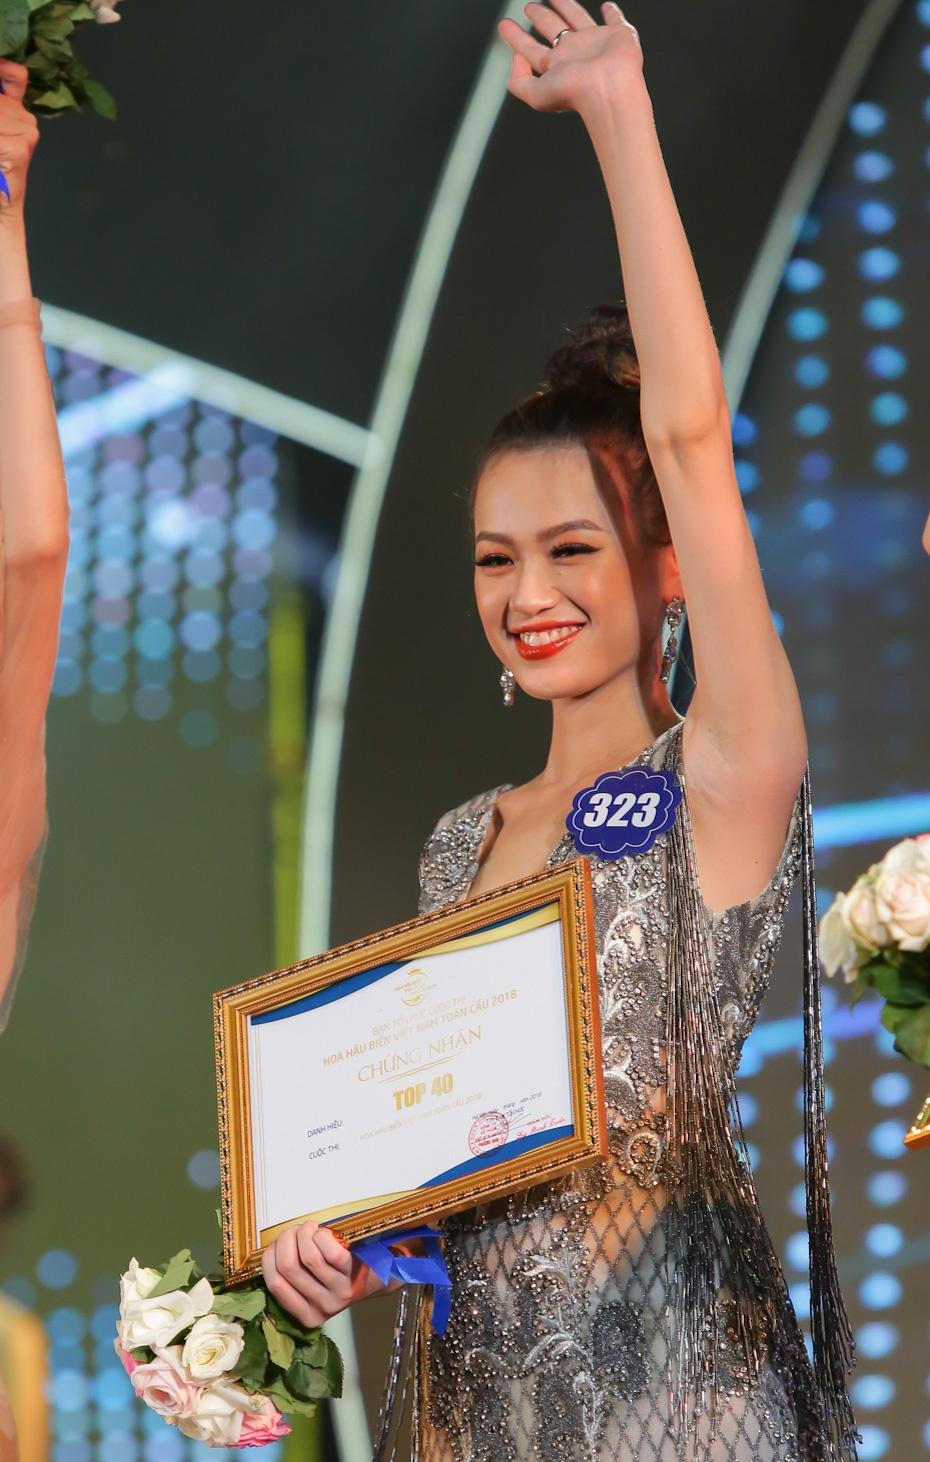 Thi sinh Hoa hau bien Viet Nam Toan cau 2018 trinh dien bikini hinh anh 14